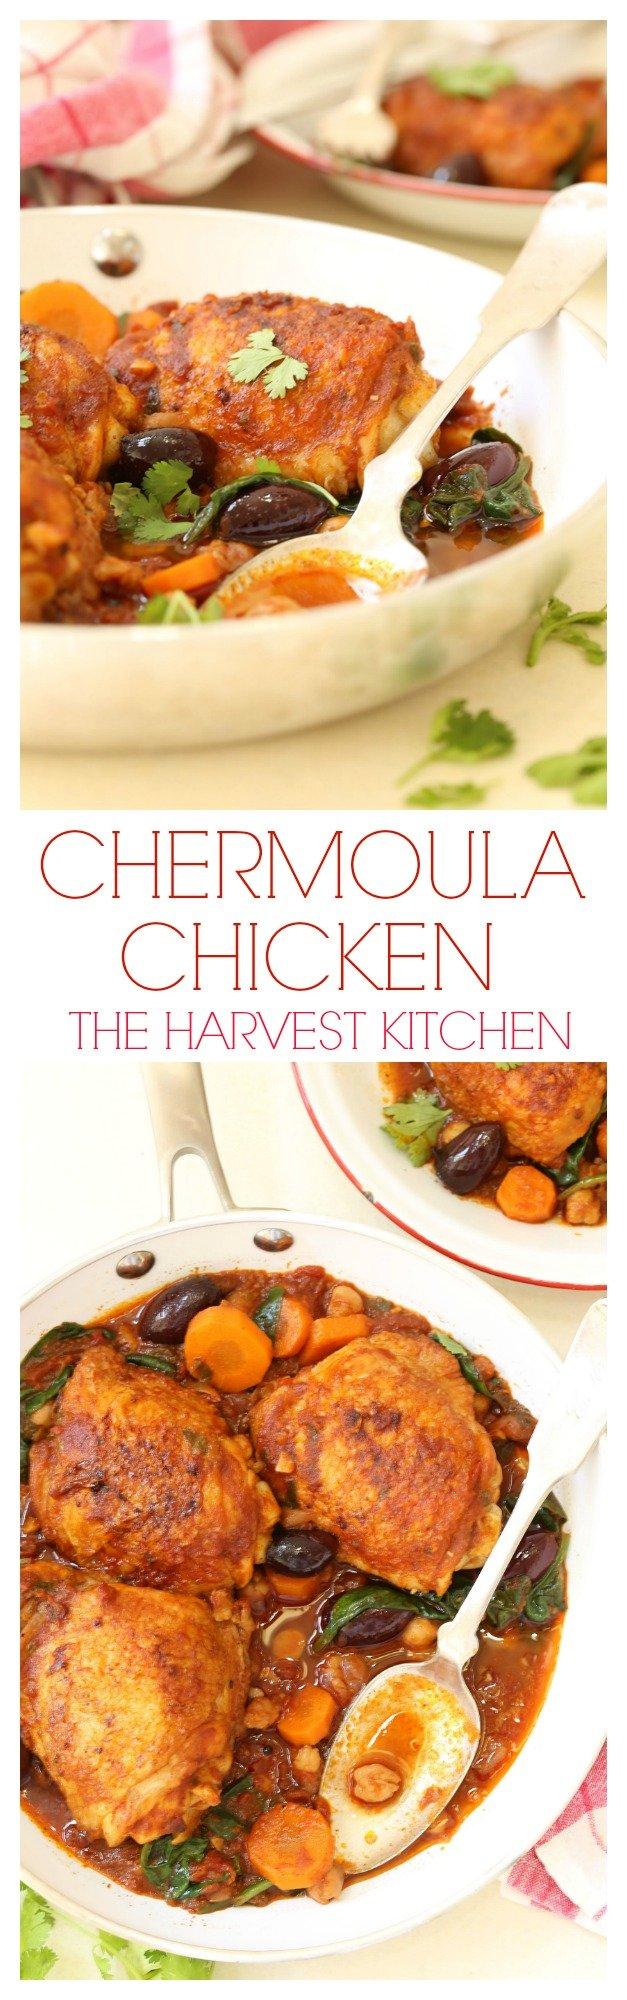 chermoula-chicken